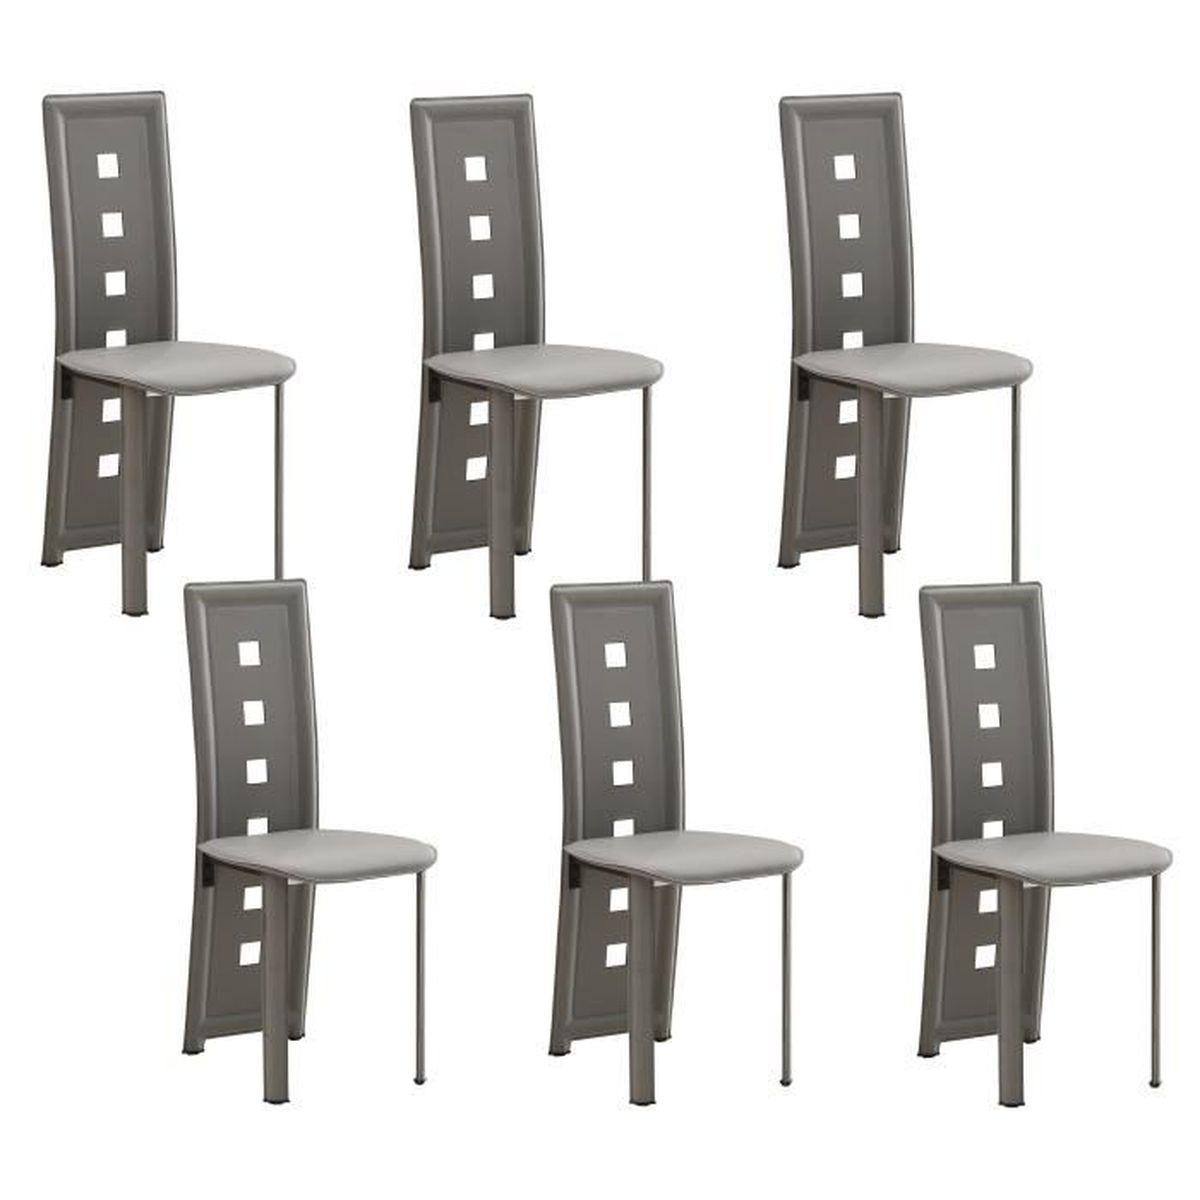 Kim lot de 6 chaises de salle manger grises achat vente chaise cdiscount - Lot de 6 chaises salle a manger ...